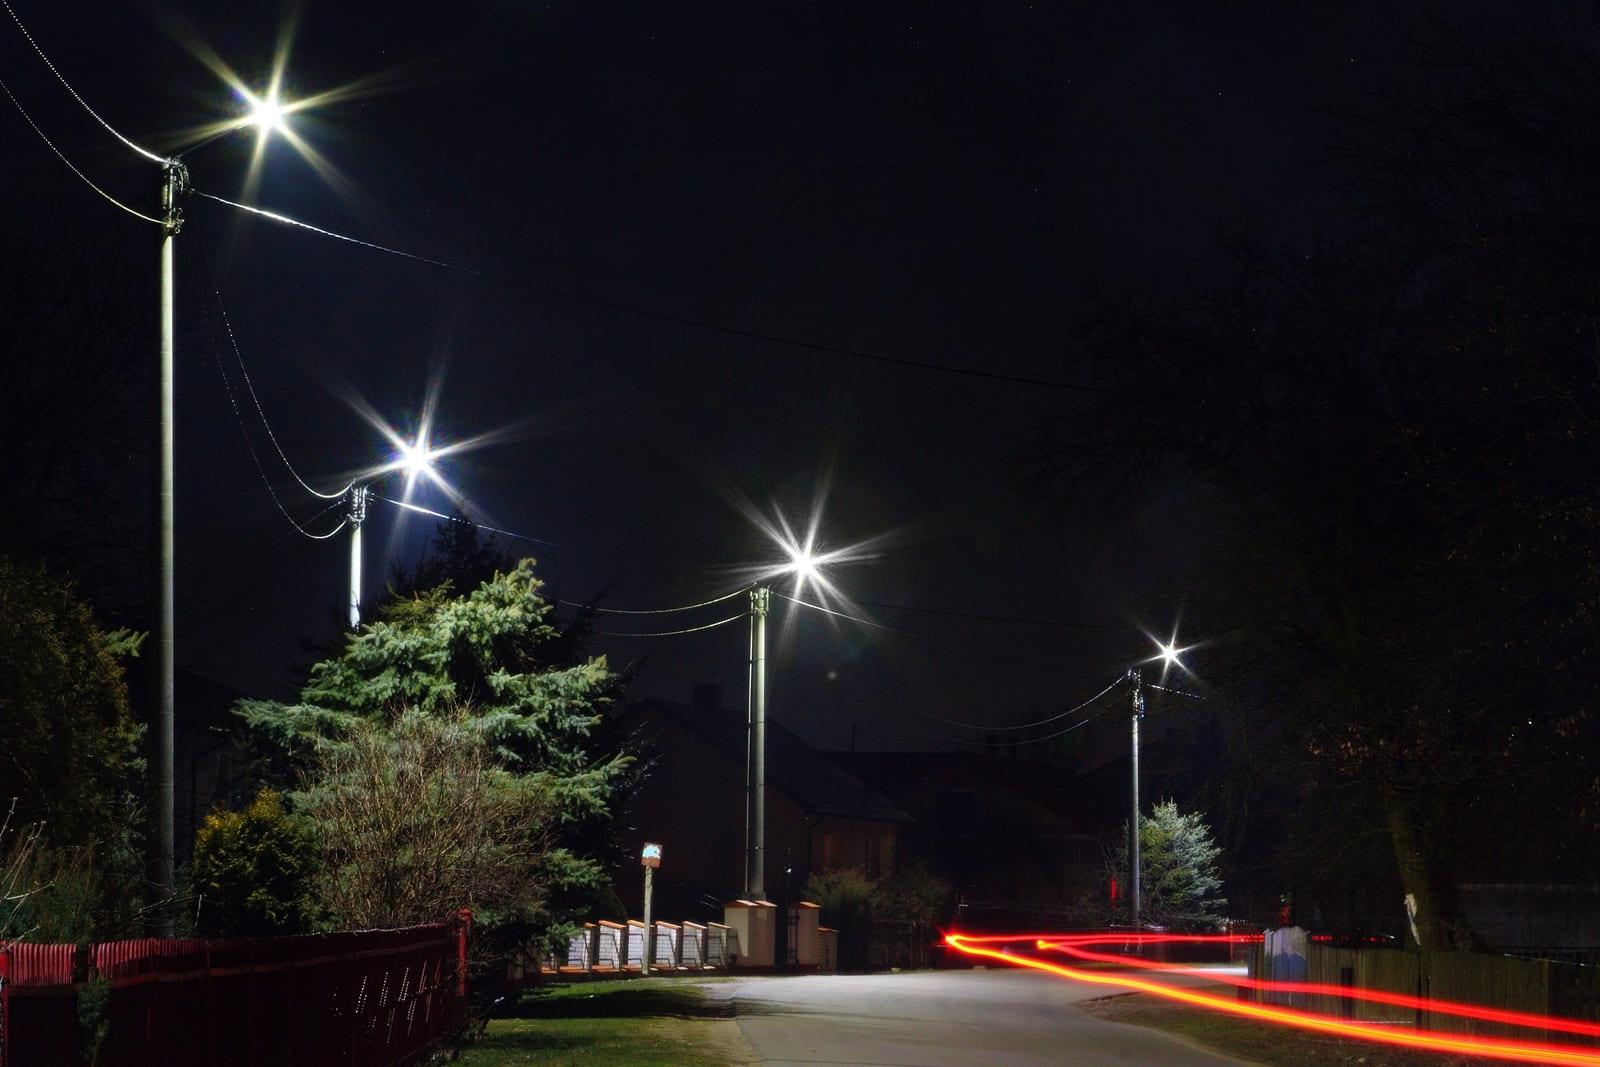 Najlepsze Lampy Uliczne Led Greenie Worldcom